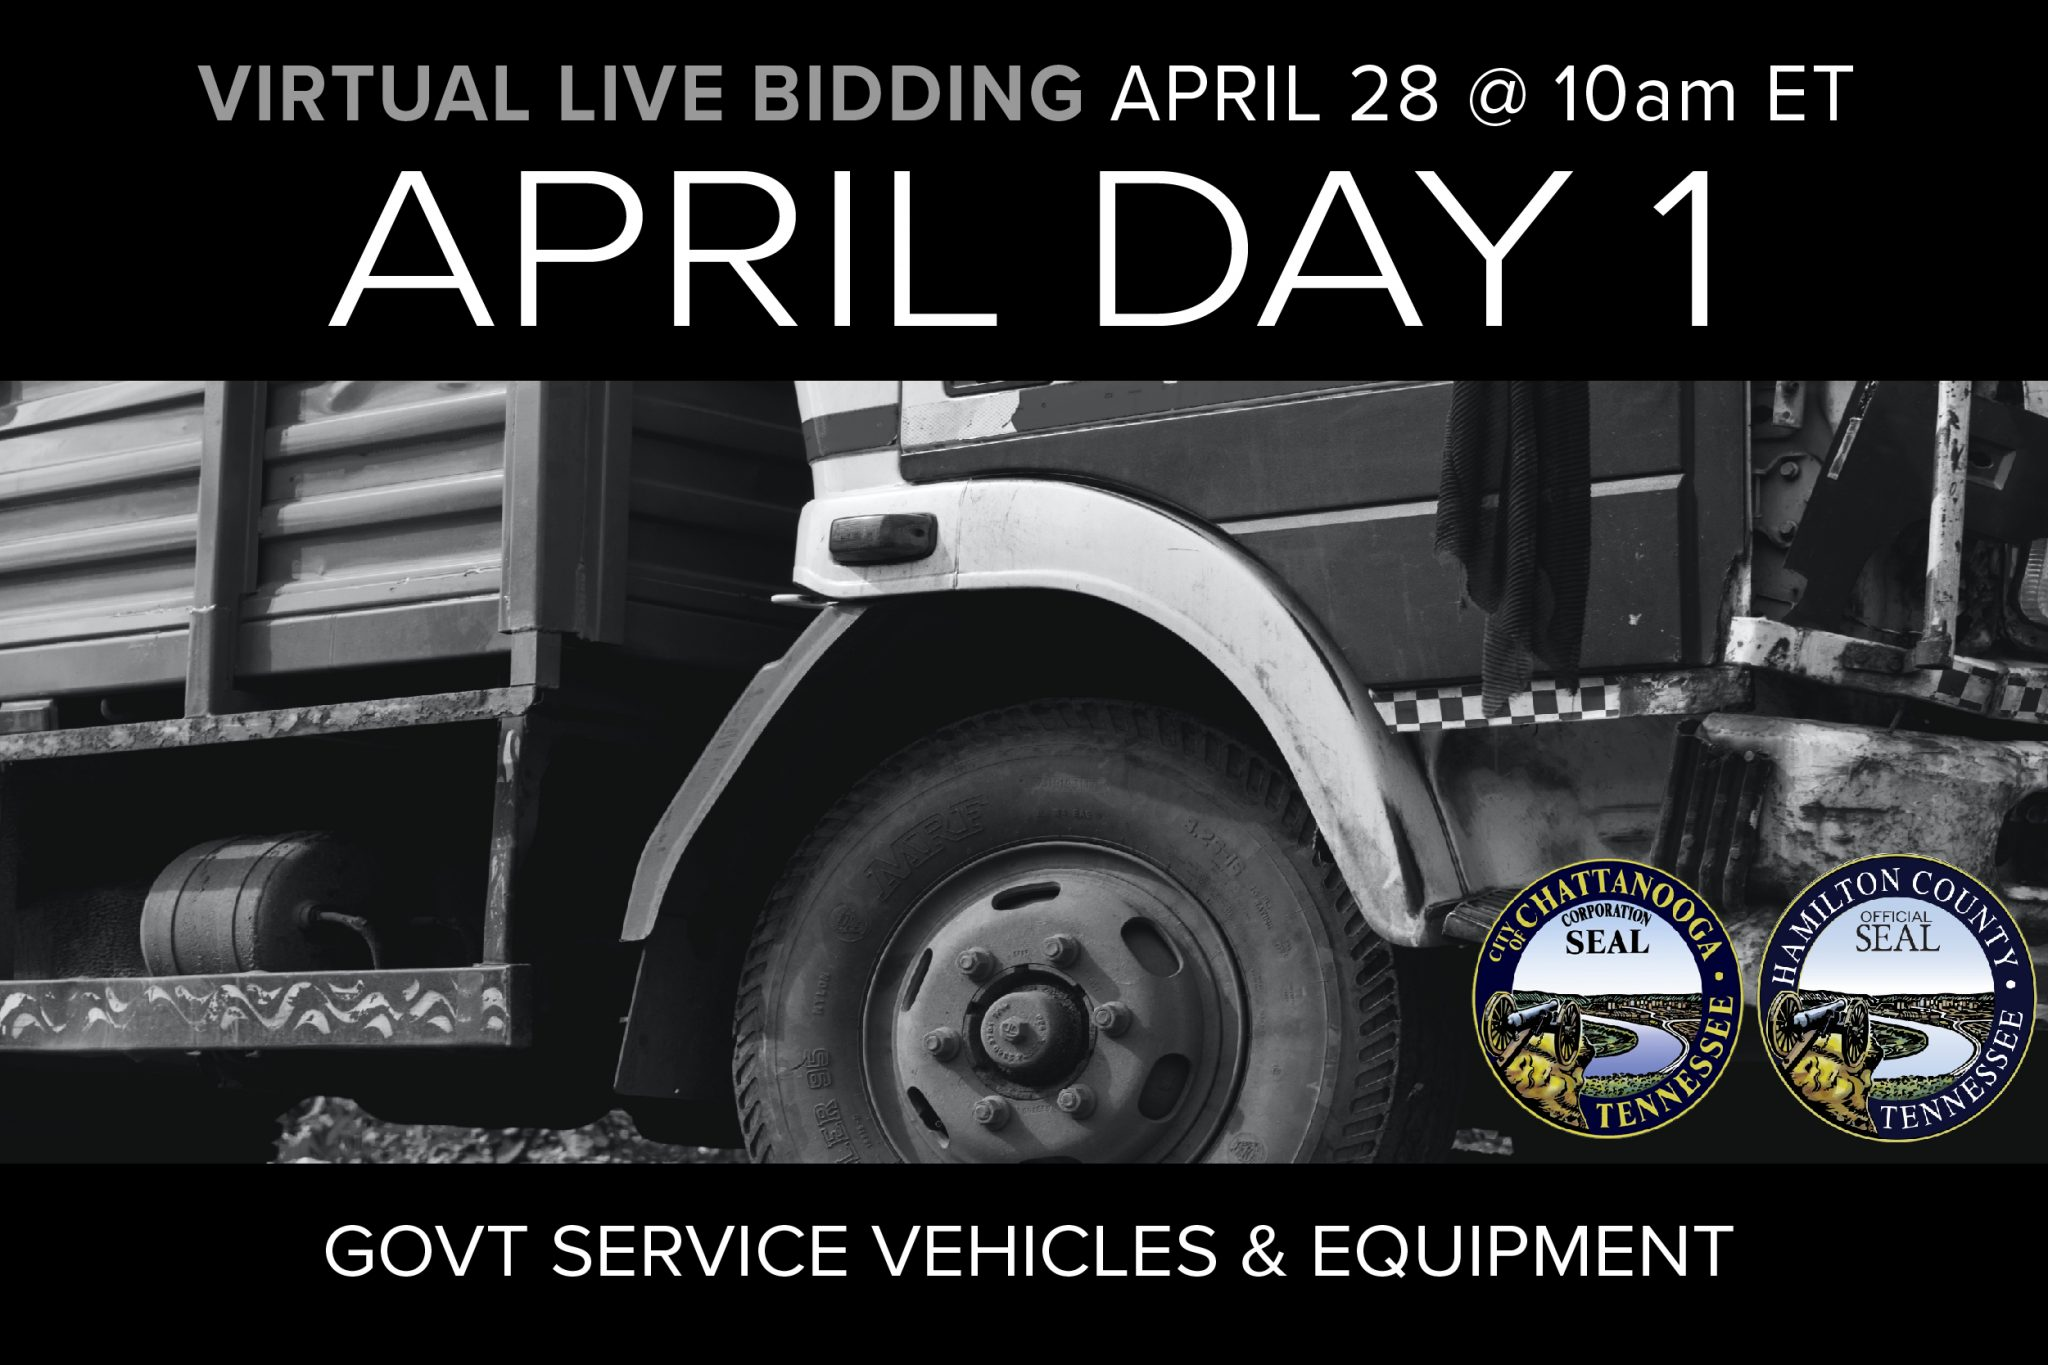 April Day 1 Auction Virtual lIVE bidding Compass Auctions